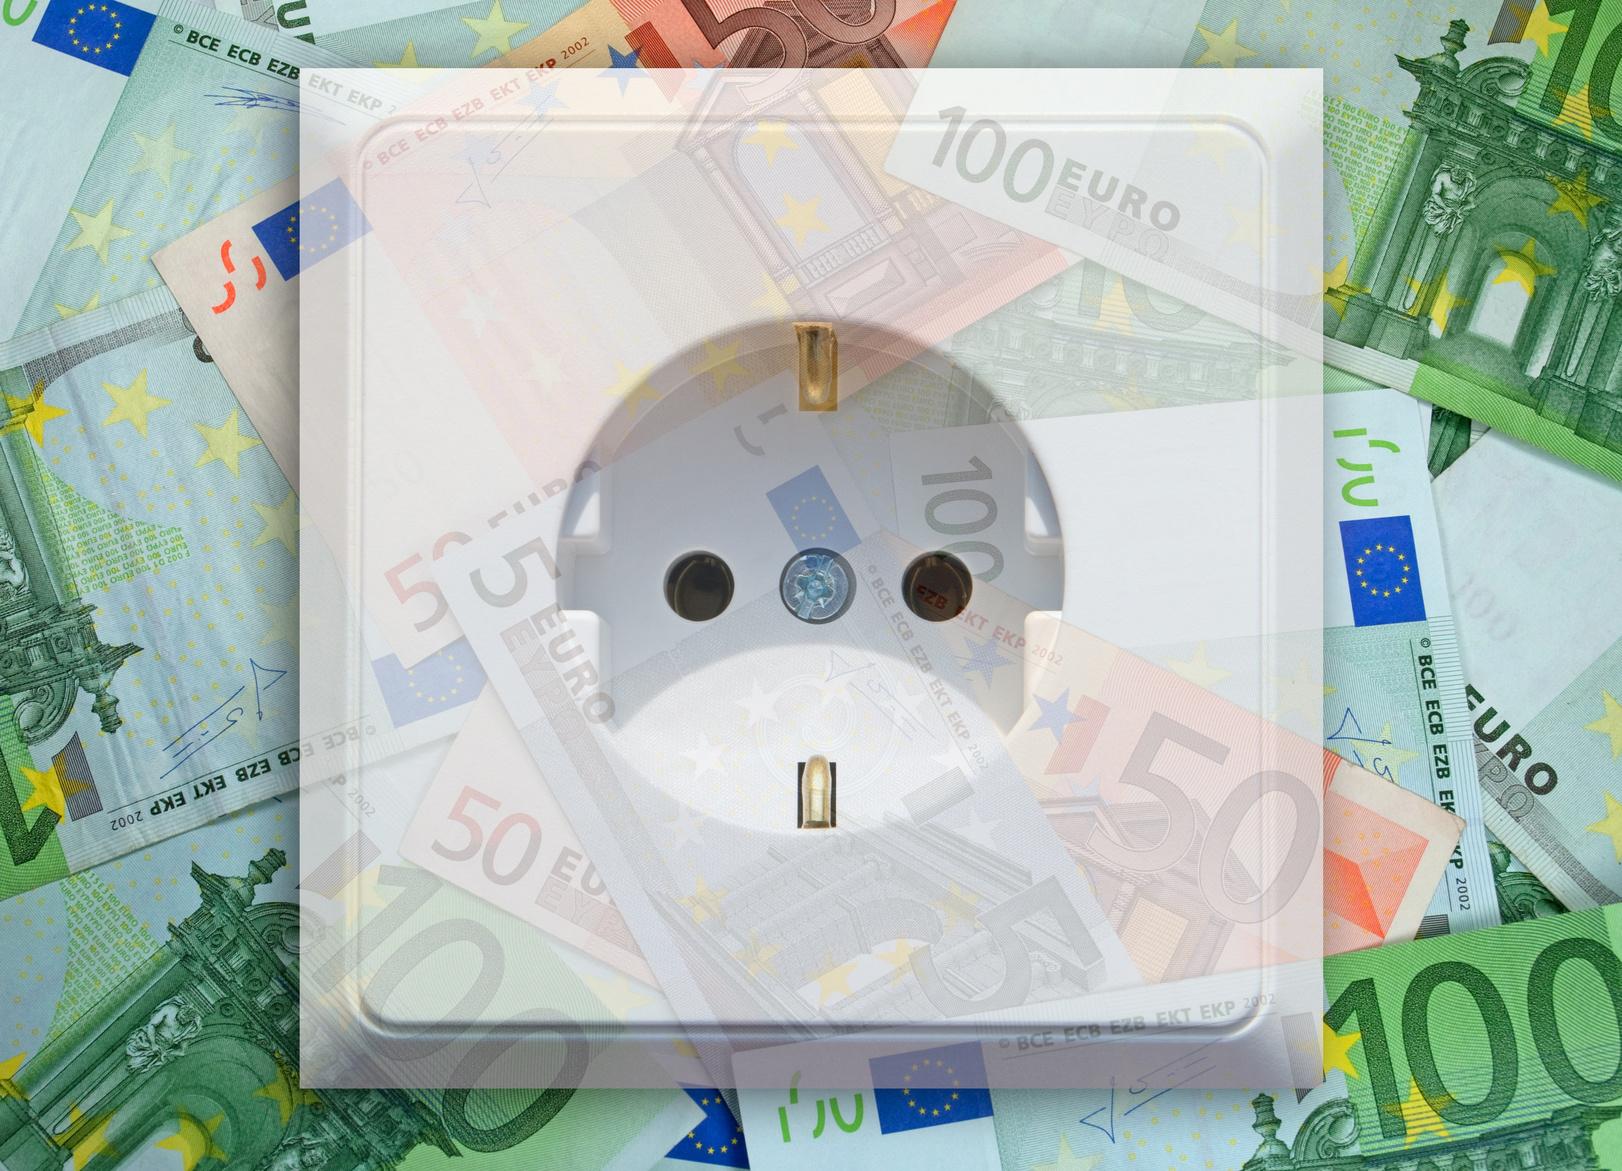 Drittmengen und die Konzessionsabgabe: Erste Netzbetreiber bestätigen, dass nur entgeltliche Stromweiterleitungen relevant sind